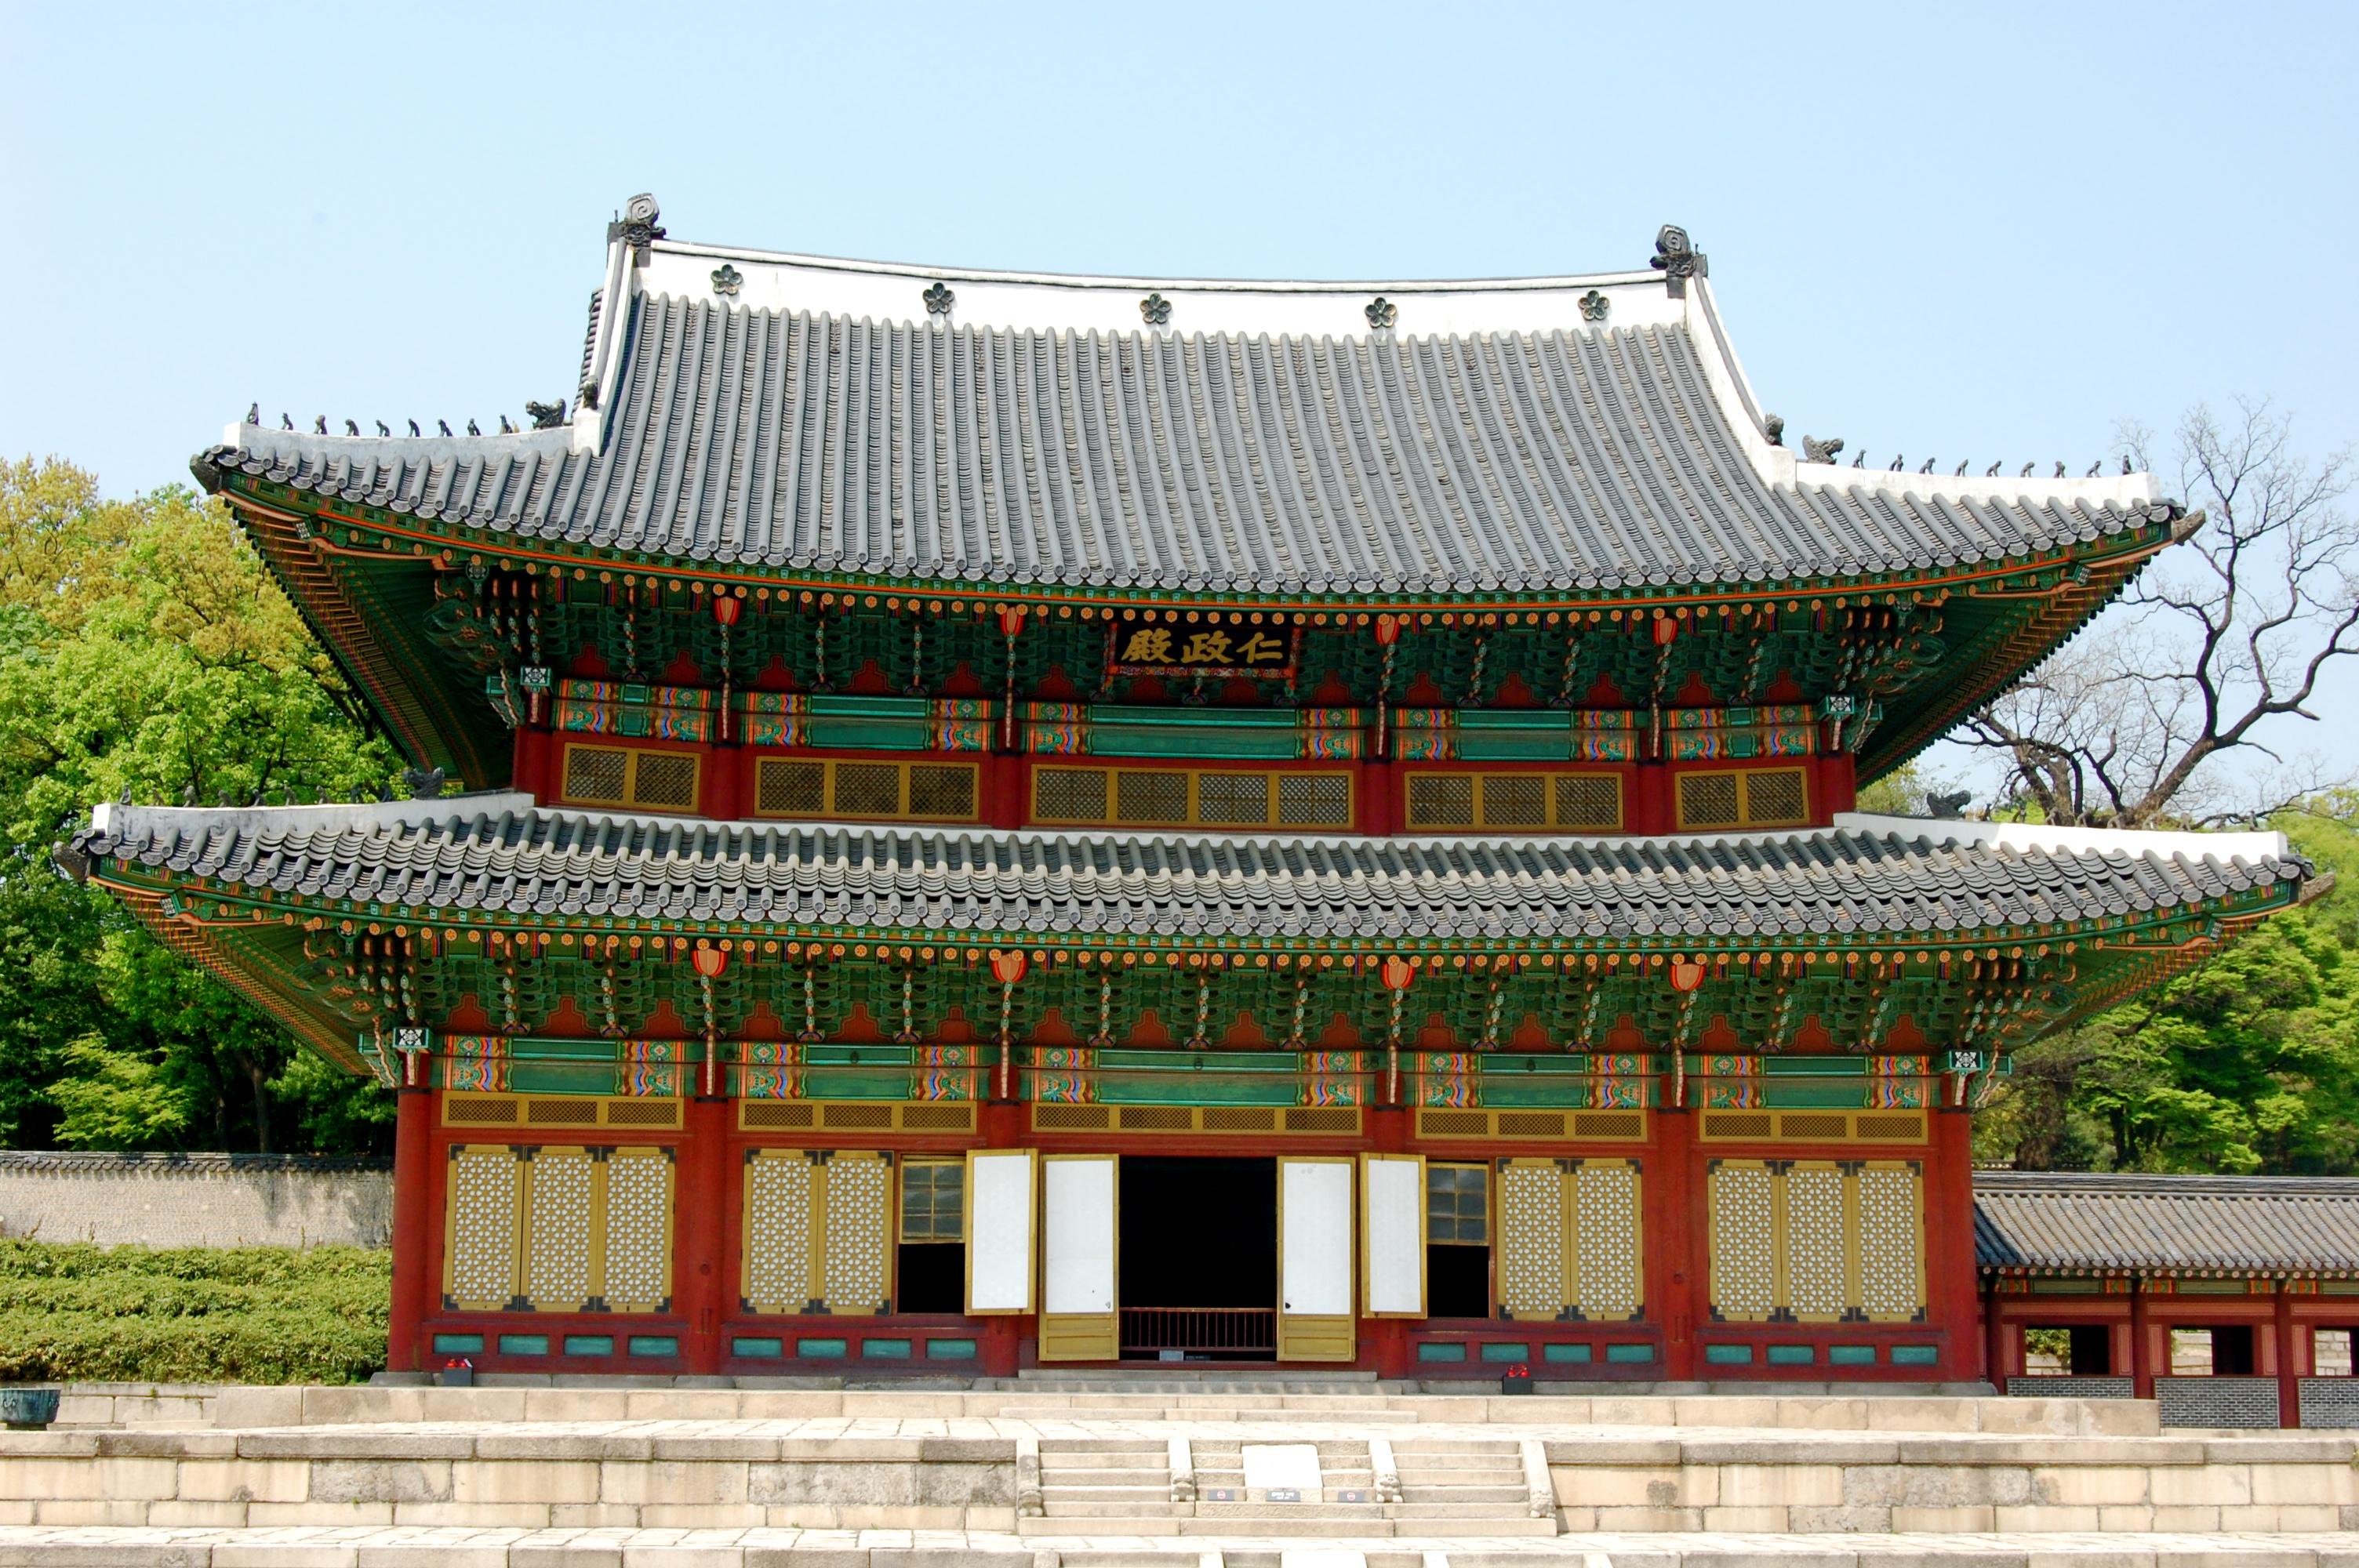 10 สถานที่ท่องเที่ยวที่ไม่ควรพลาดในกรุงโซล -พระราชวังชางด๊อก